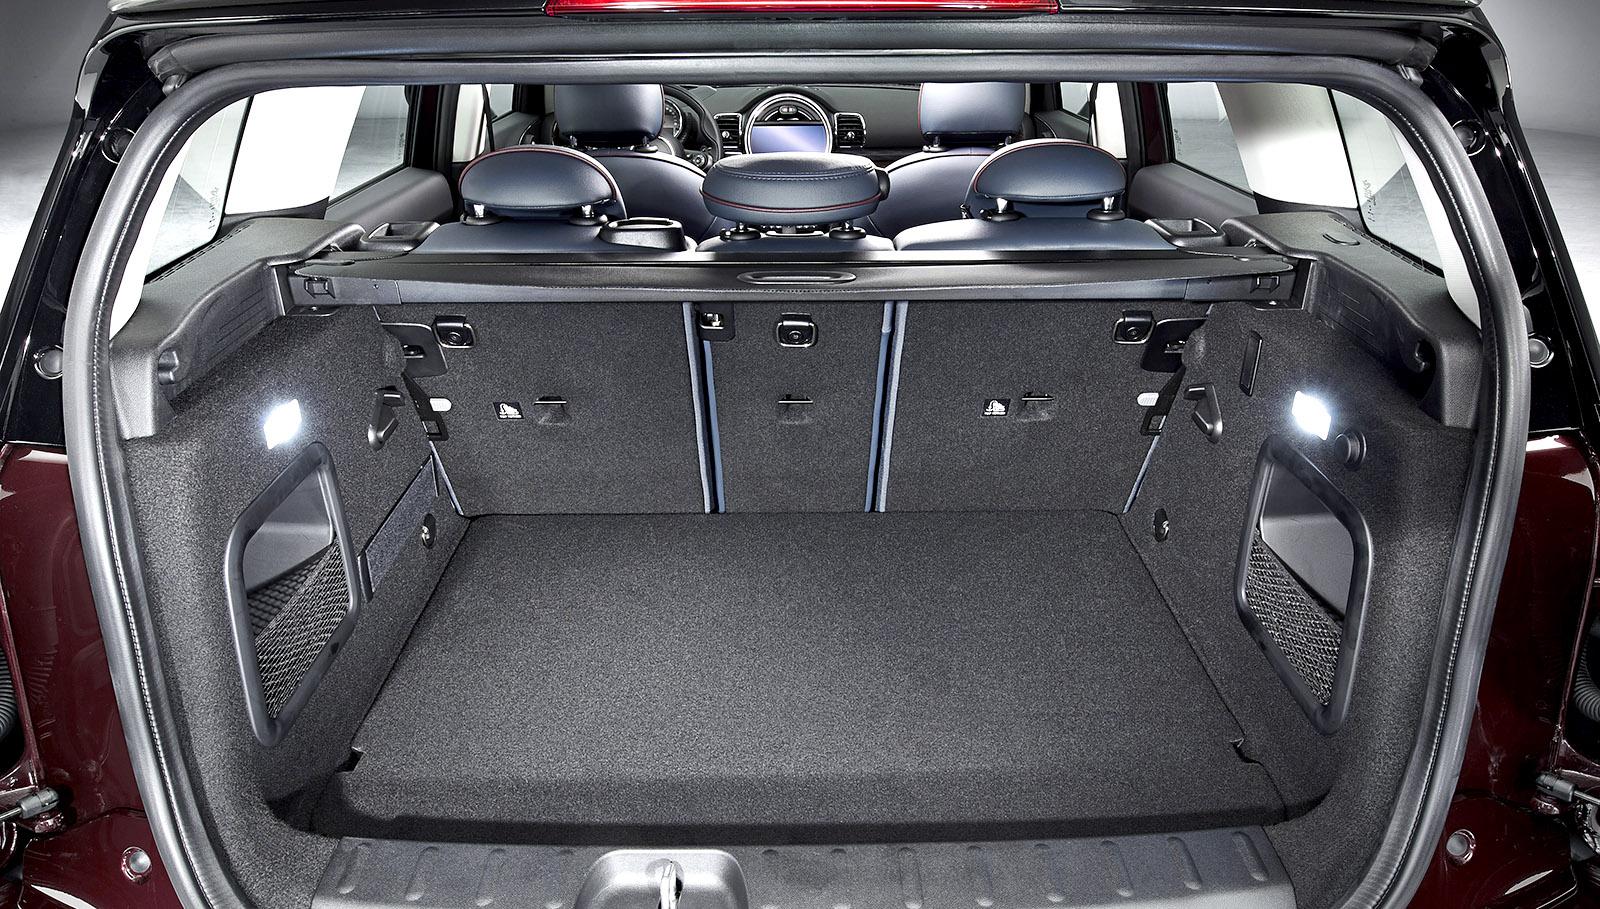 El maletero tiene 360 l de capacidad, volumen ampliable hasta los 1.250 l abatiendo los respaldos de los asientos traseros.